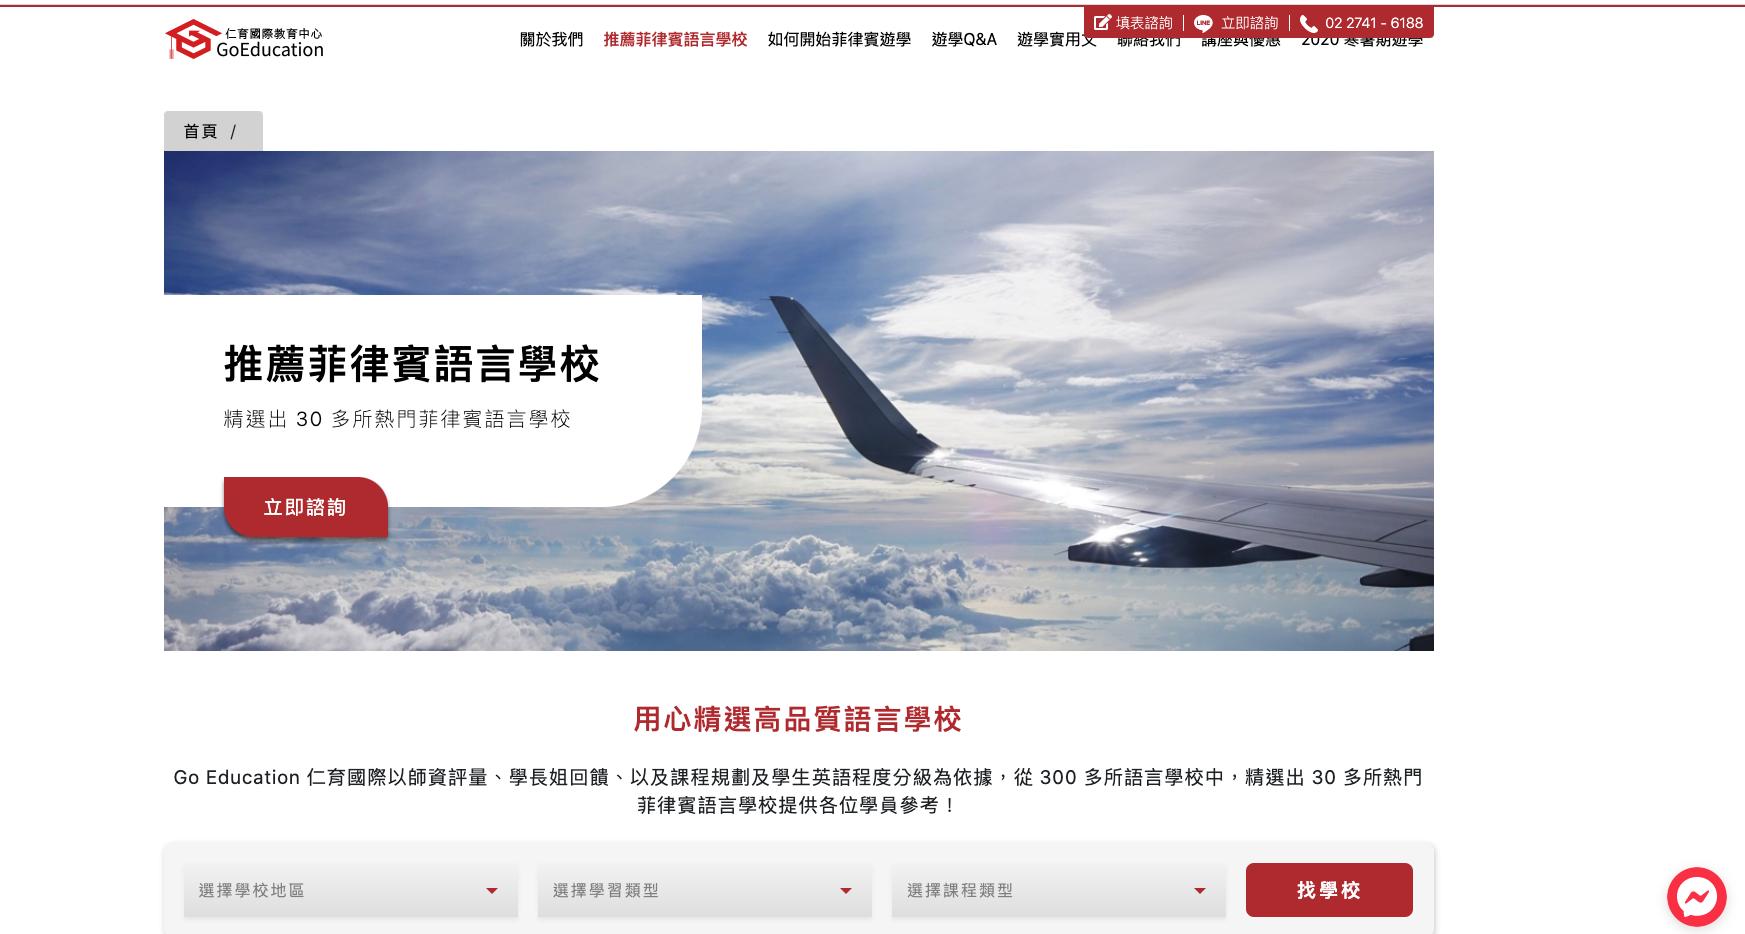 品牌形象網站